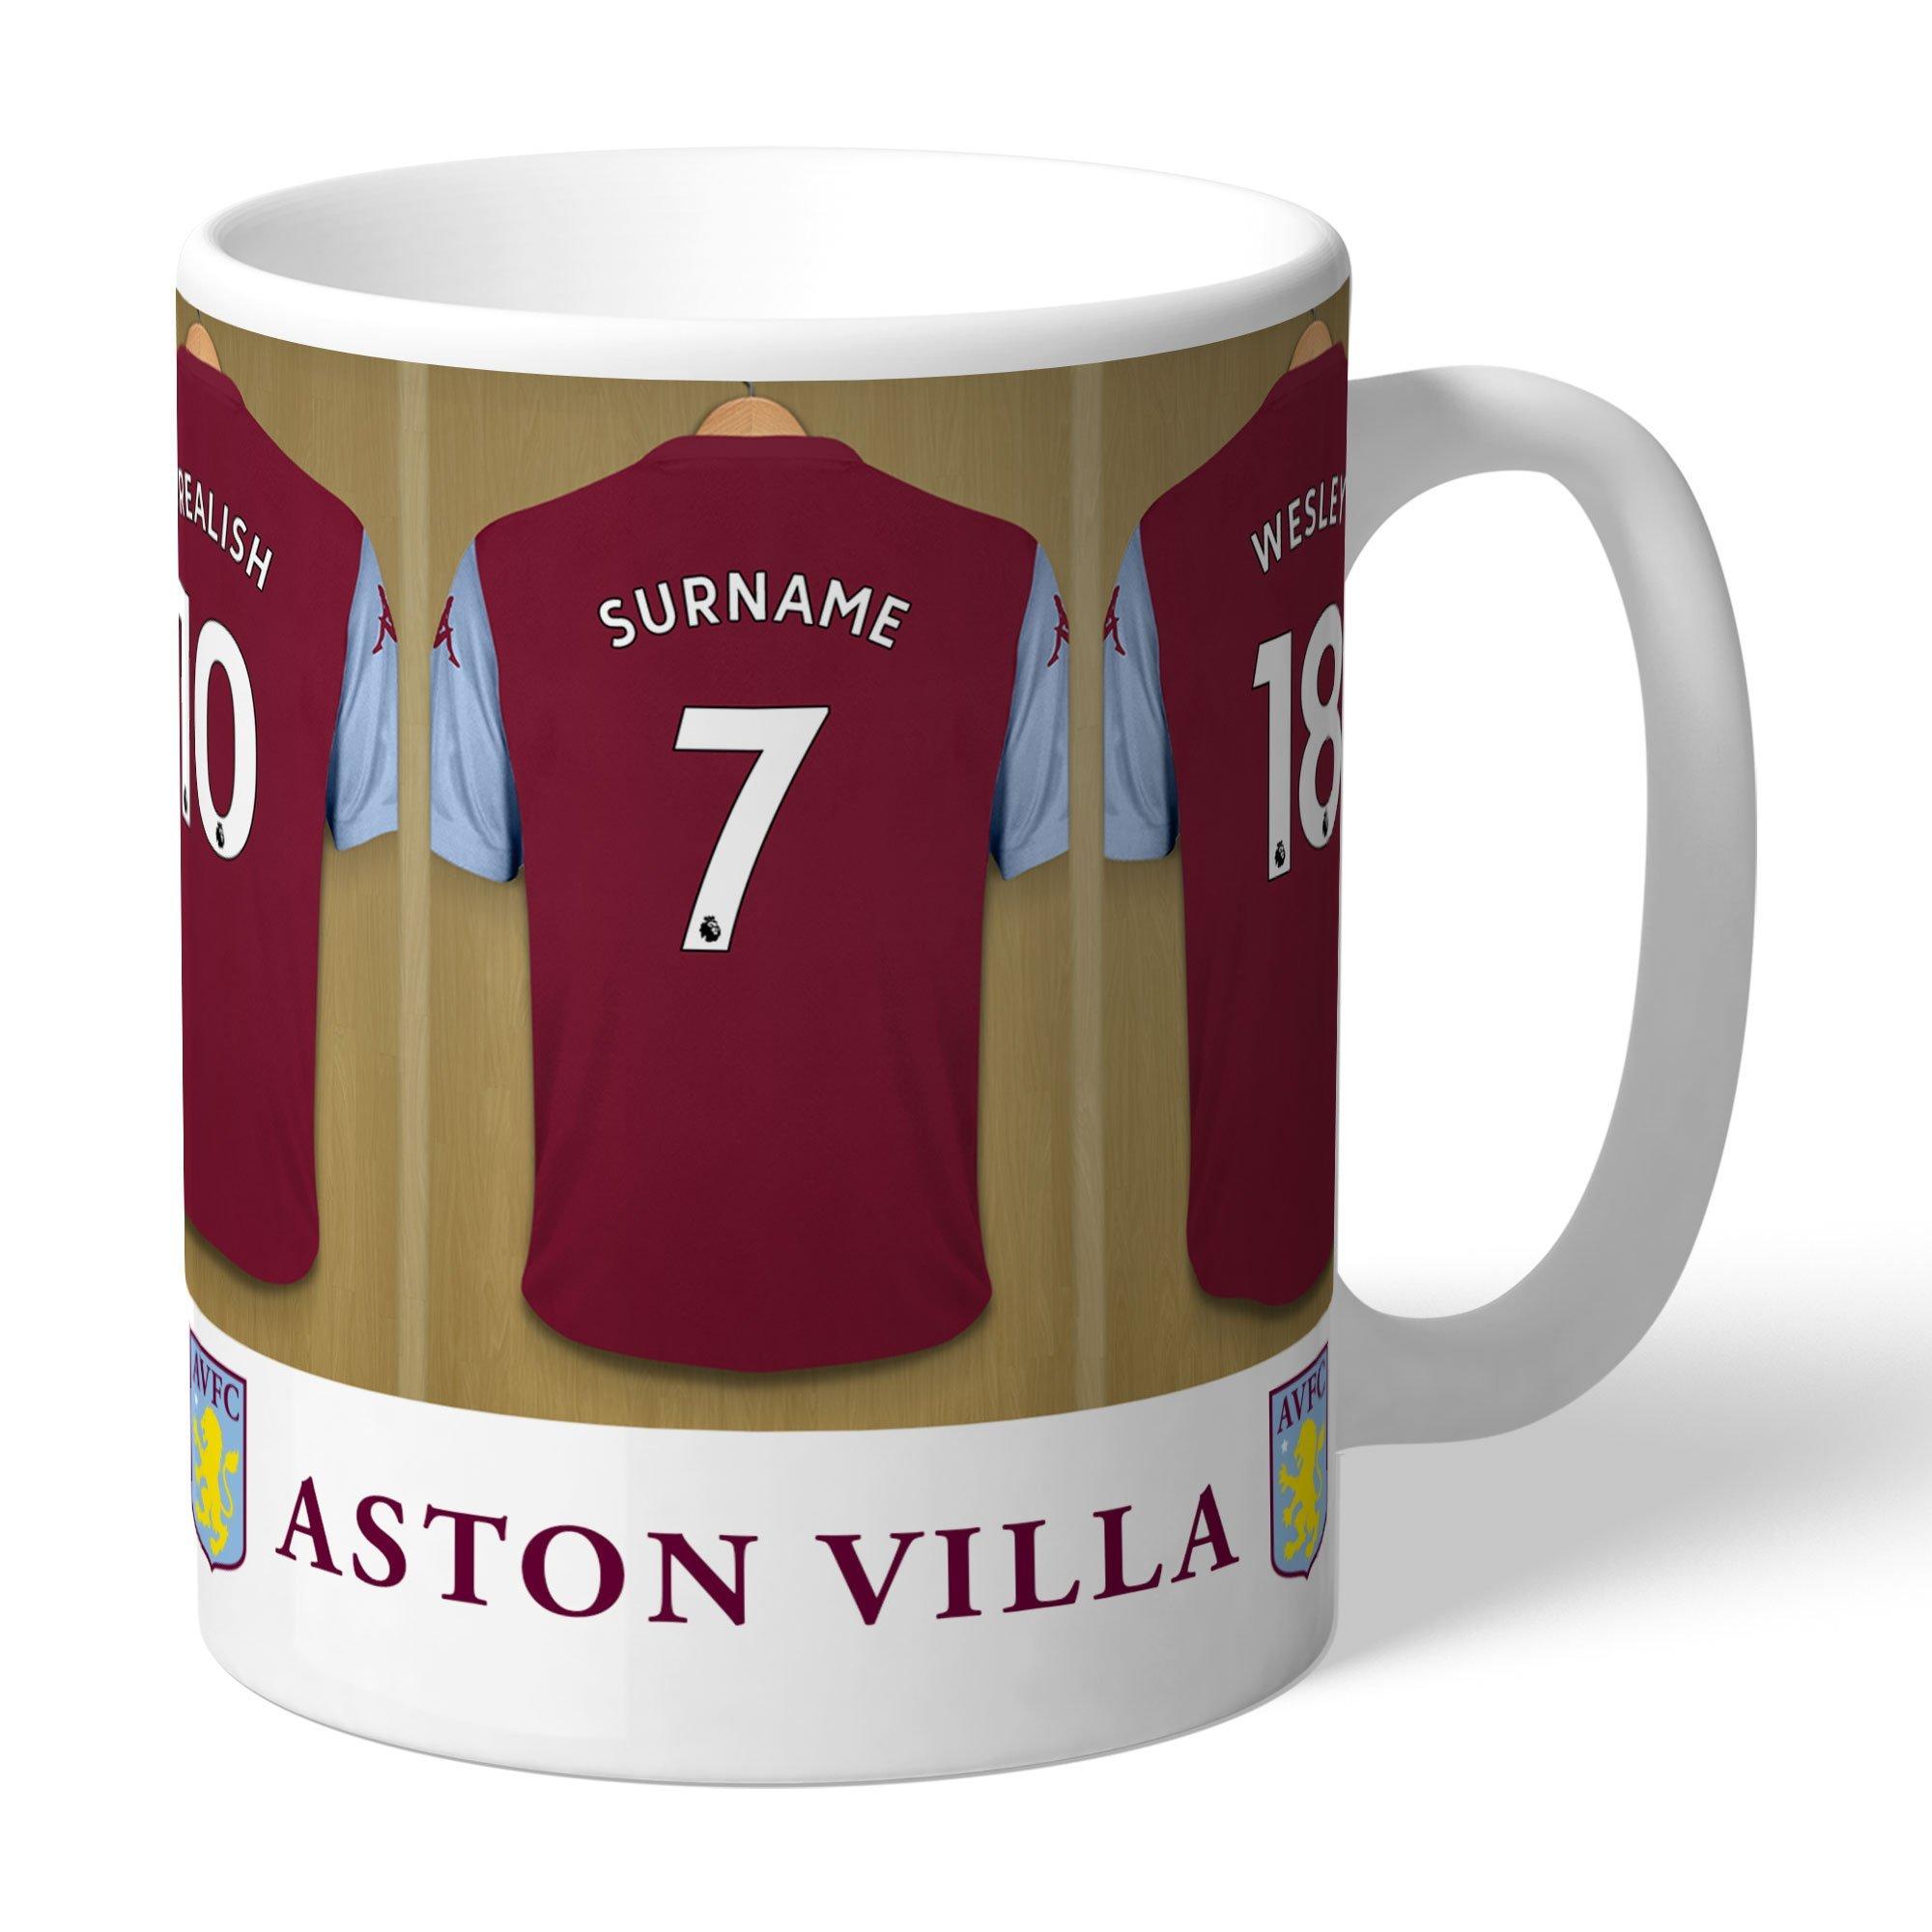 Image of Personalised Aston Villa FC Mug